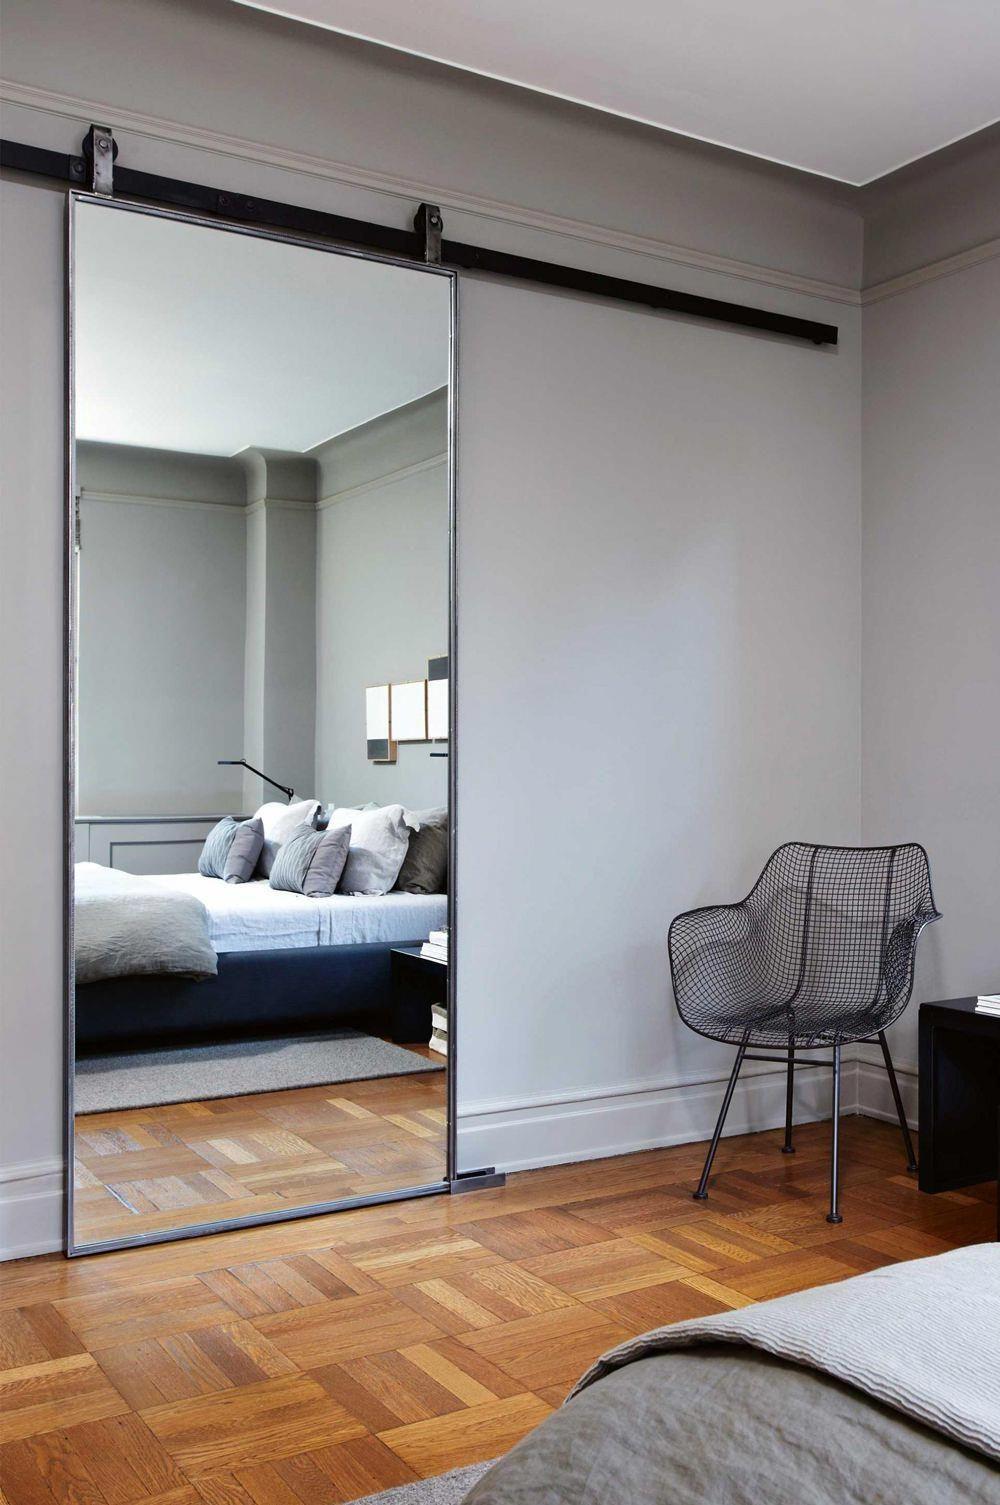 Rooms Of Patricinhas Design Della Camera Da Letto Decorazione Camera Da Letto Interni Di Camera Da Letto